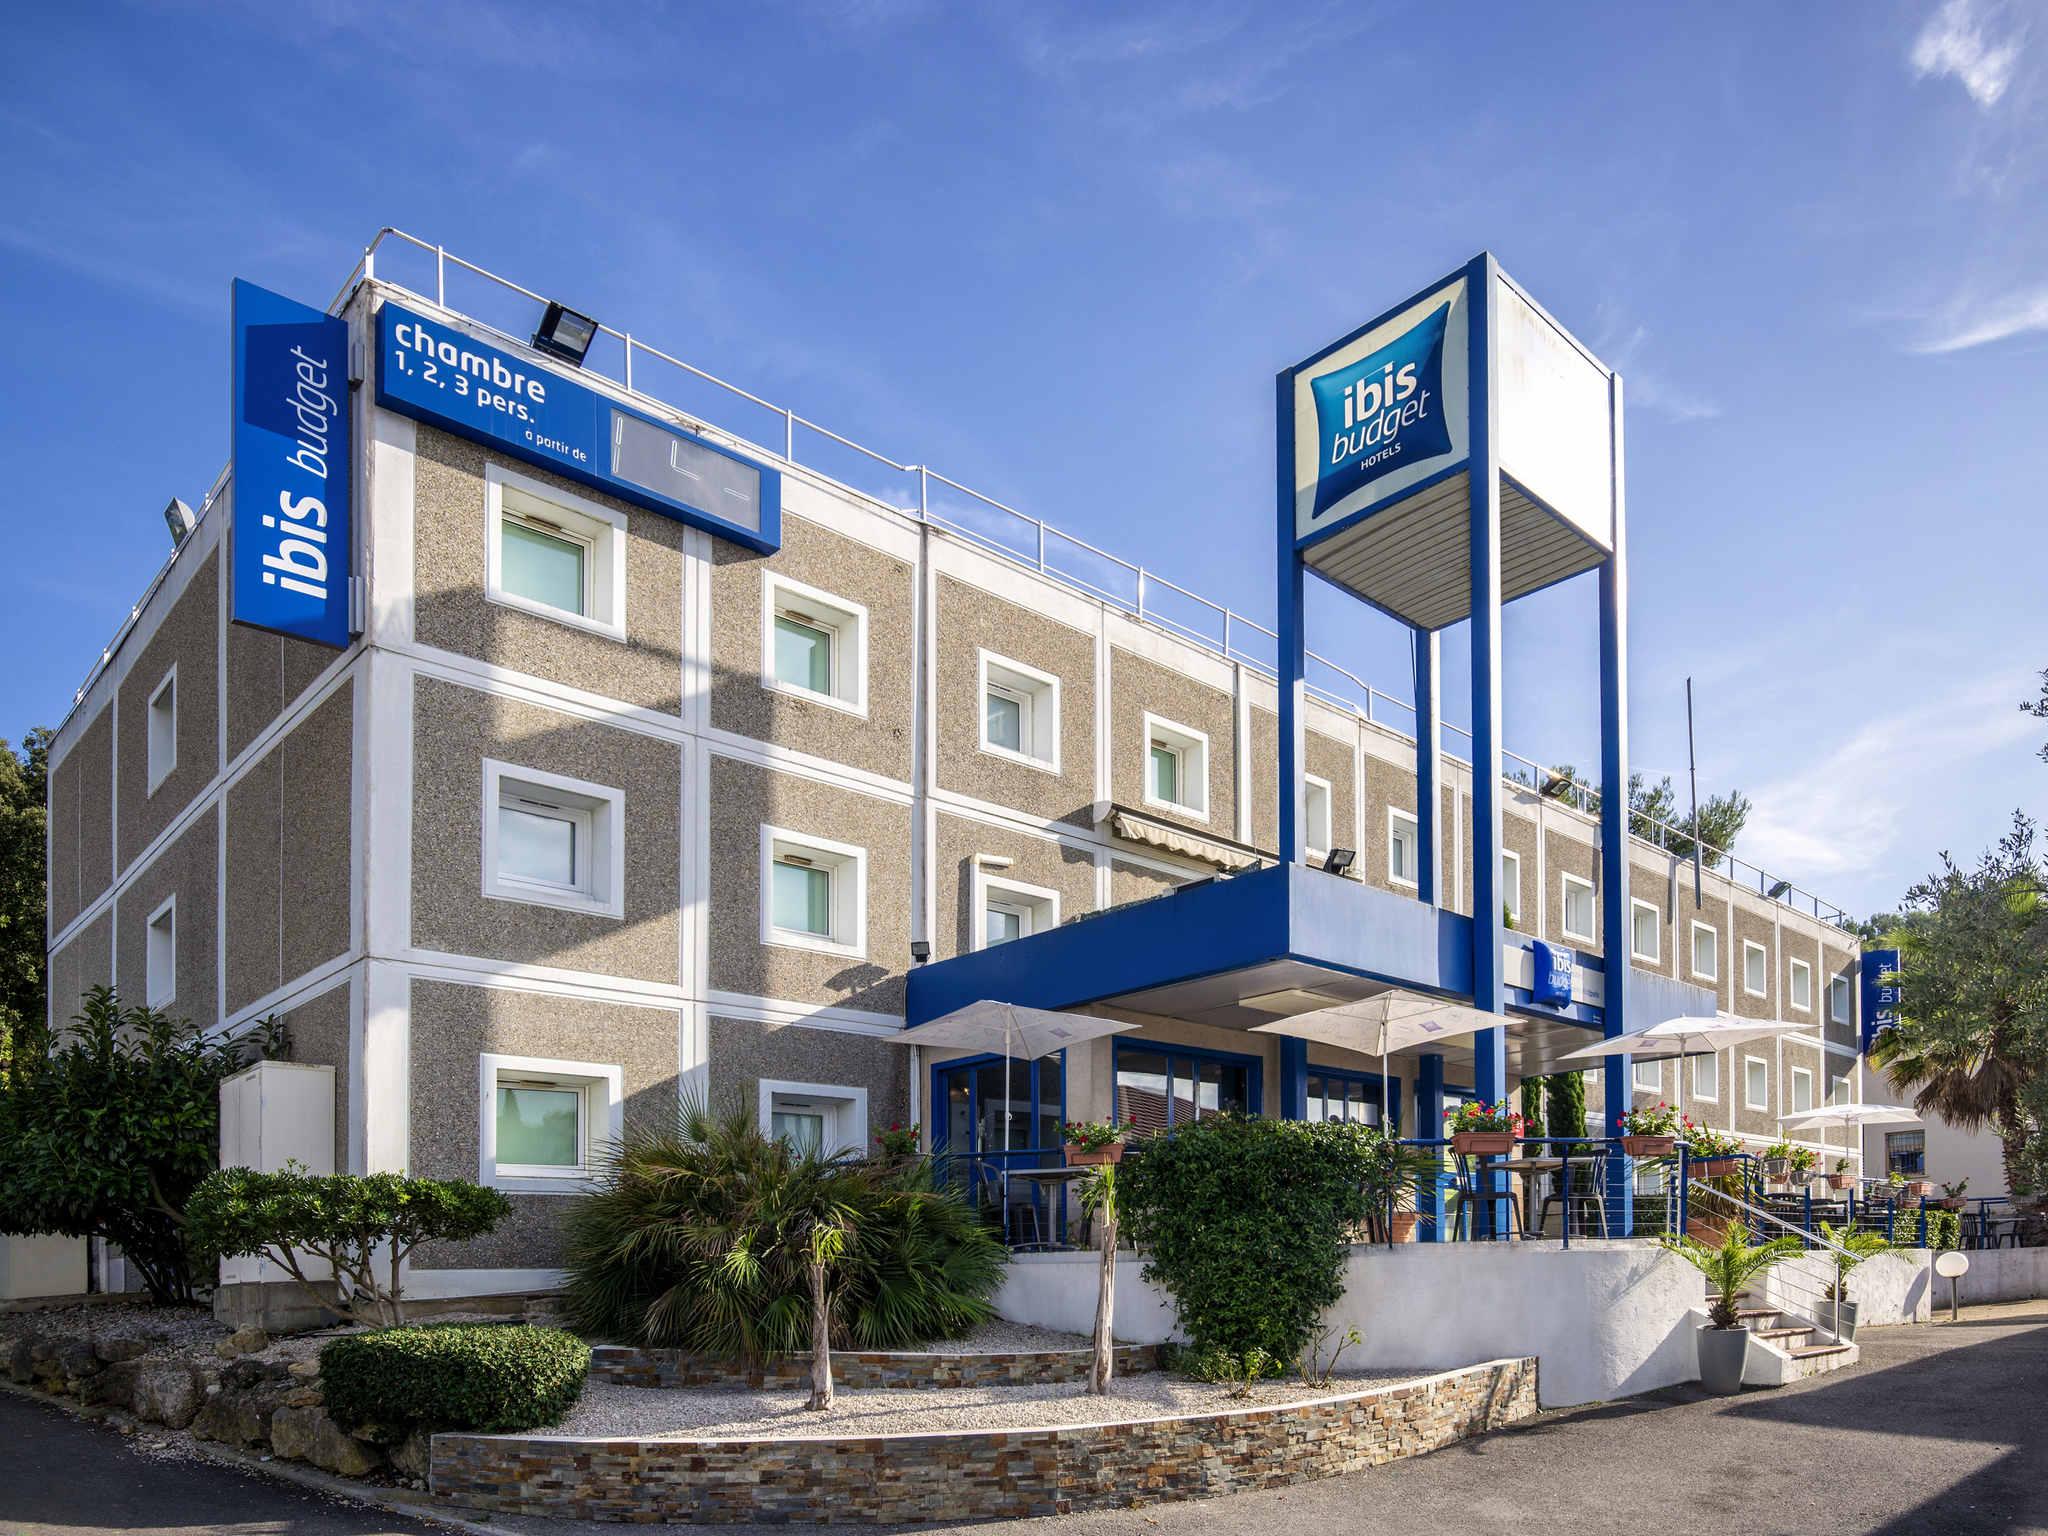 Hotel in vallauris ibis budget antibes sophia antipolis